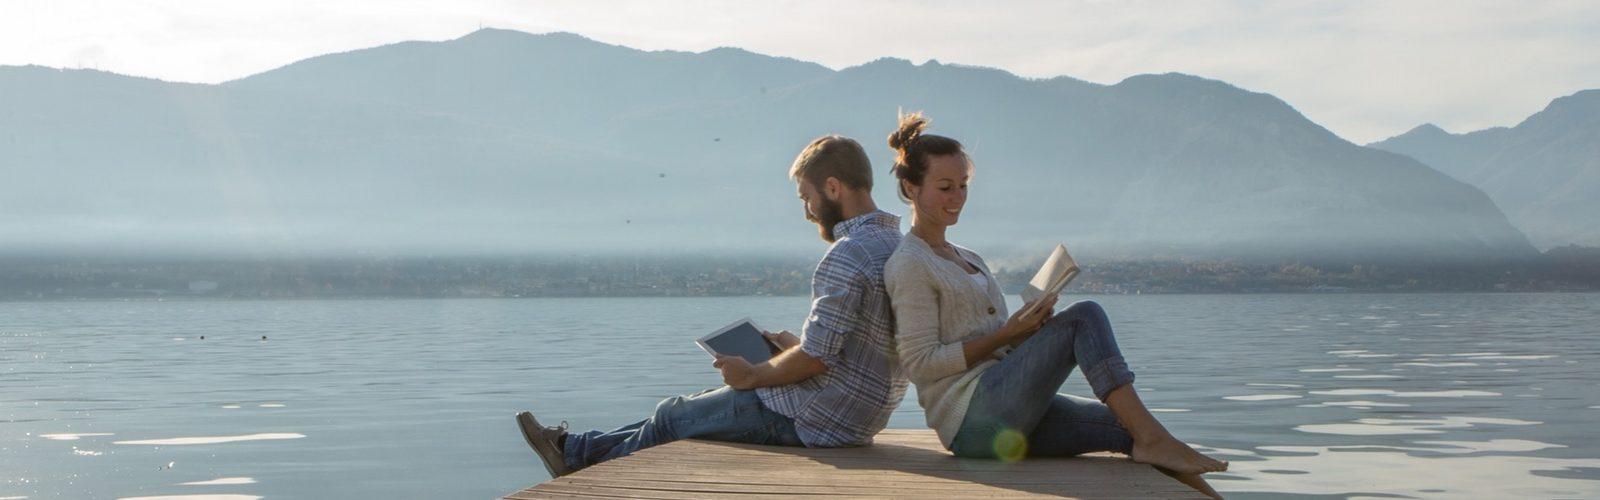 Mann und Frau sitzen Rücken an Rücken auf einem Steg am See und lesen. Hinter ihnen ist eine Bergkette zu sehen.